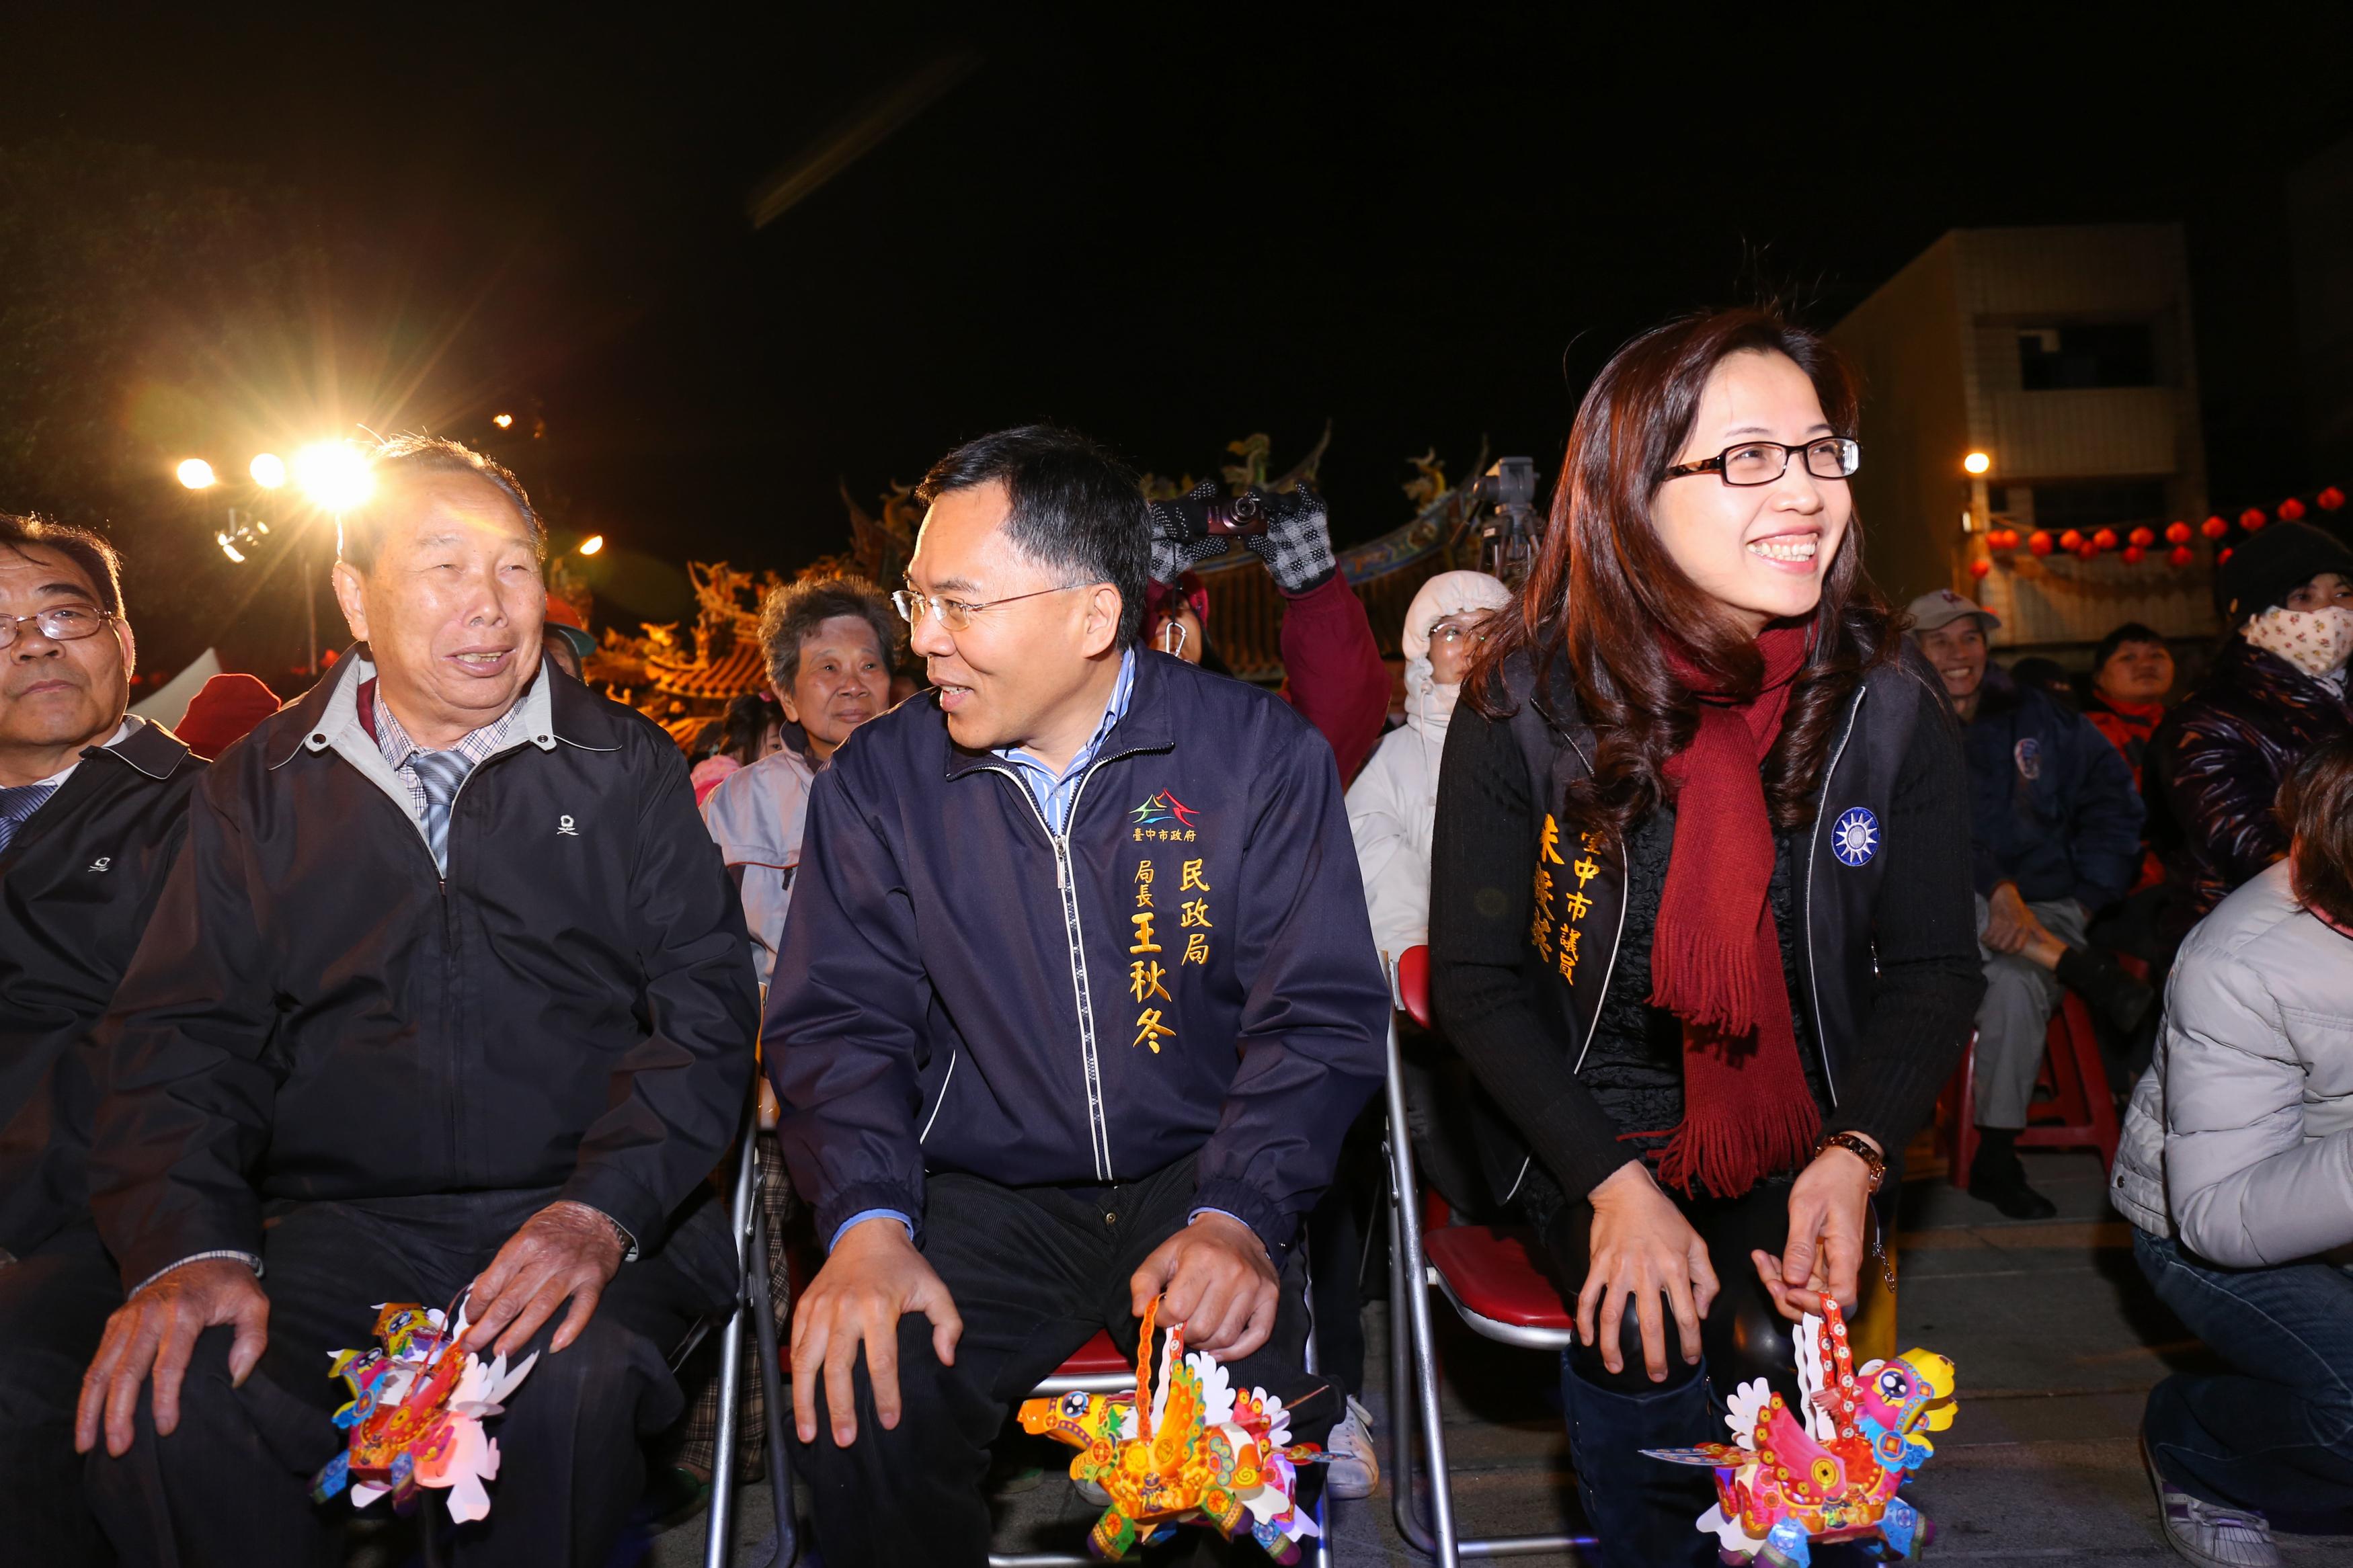 台中媽祖國際觀光文化節在萬和宮,台中婚錄推薦3